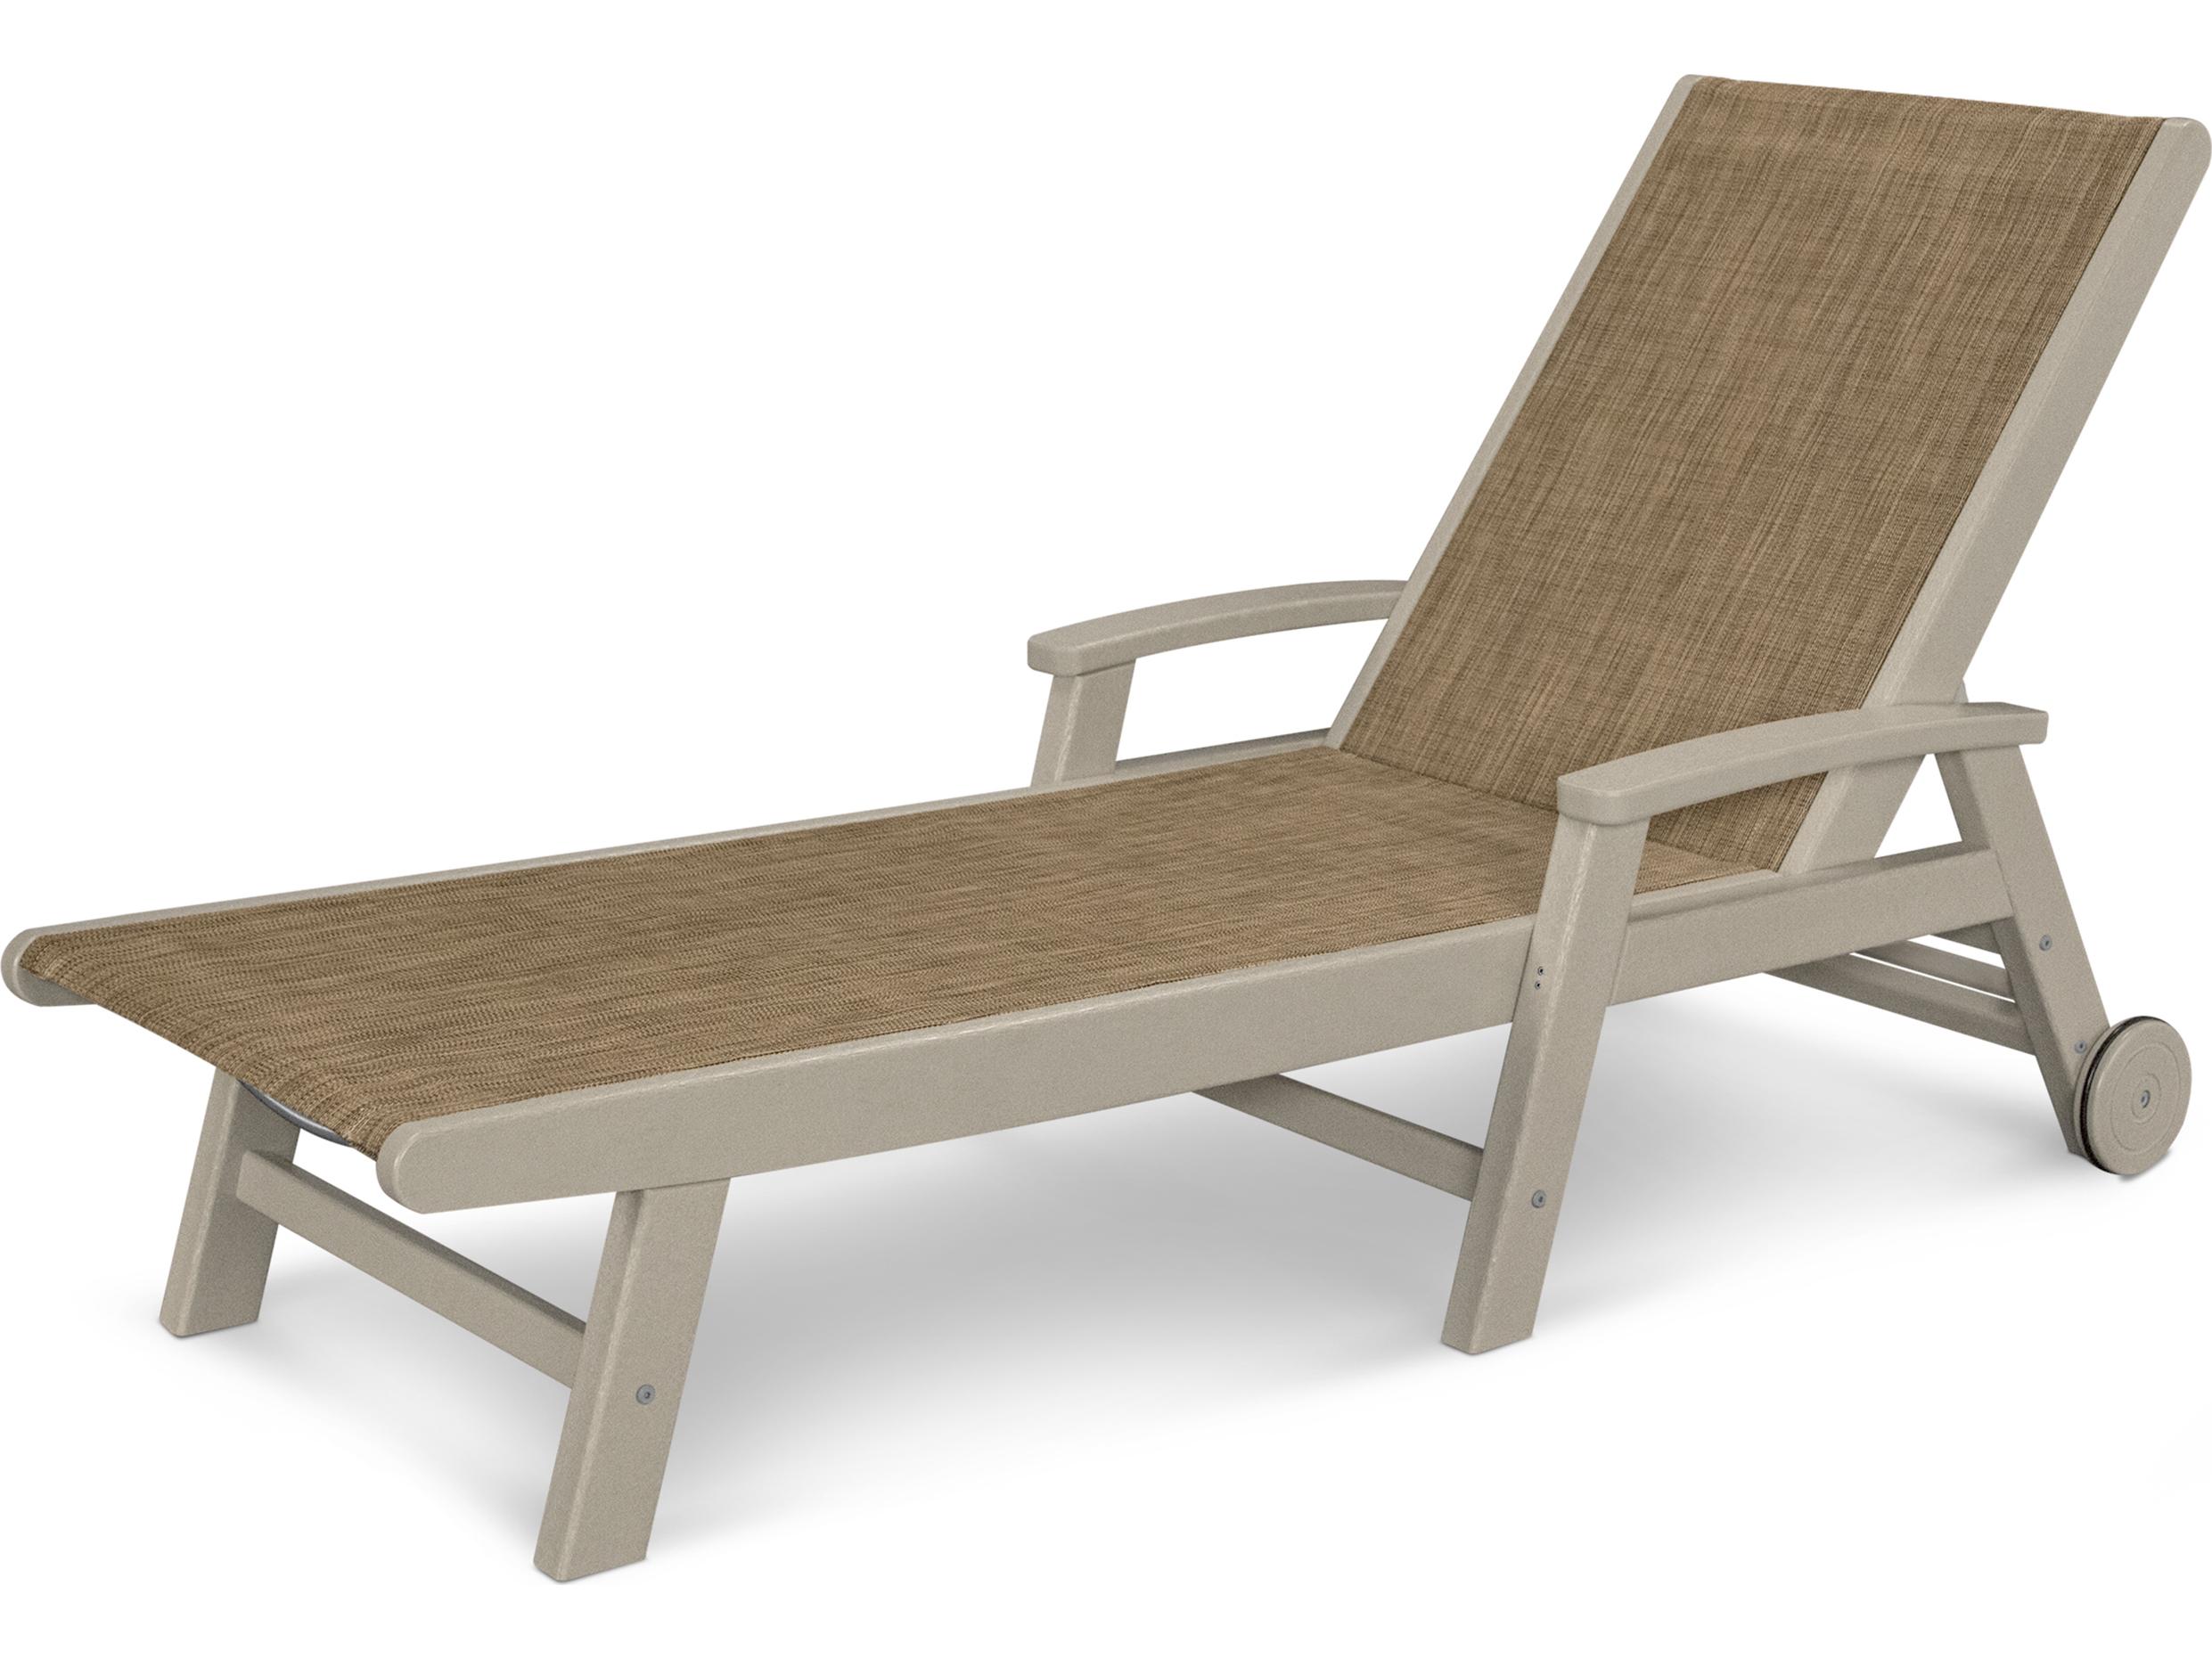 Polywood Coastal Sling Aluminum Chaise Lounge